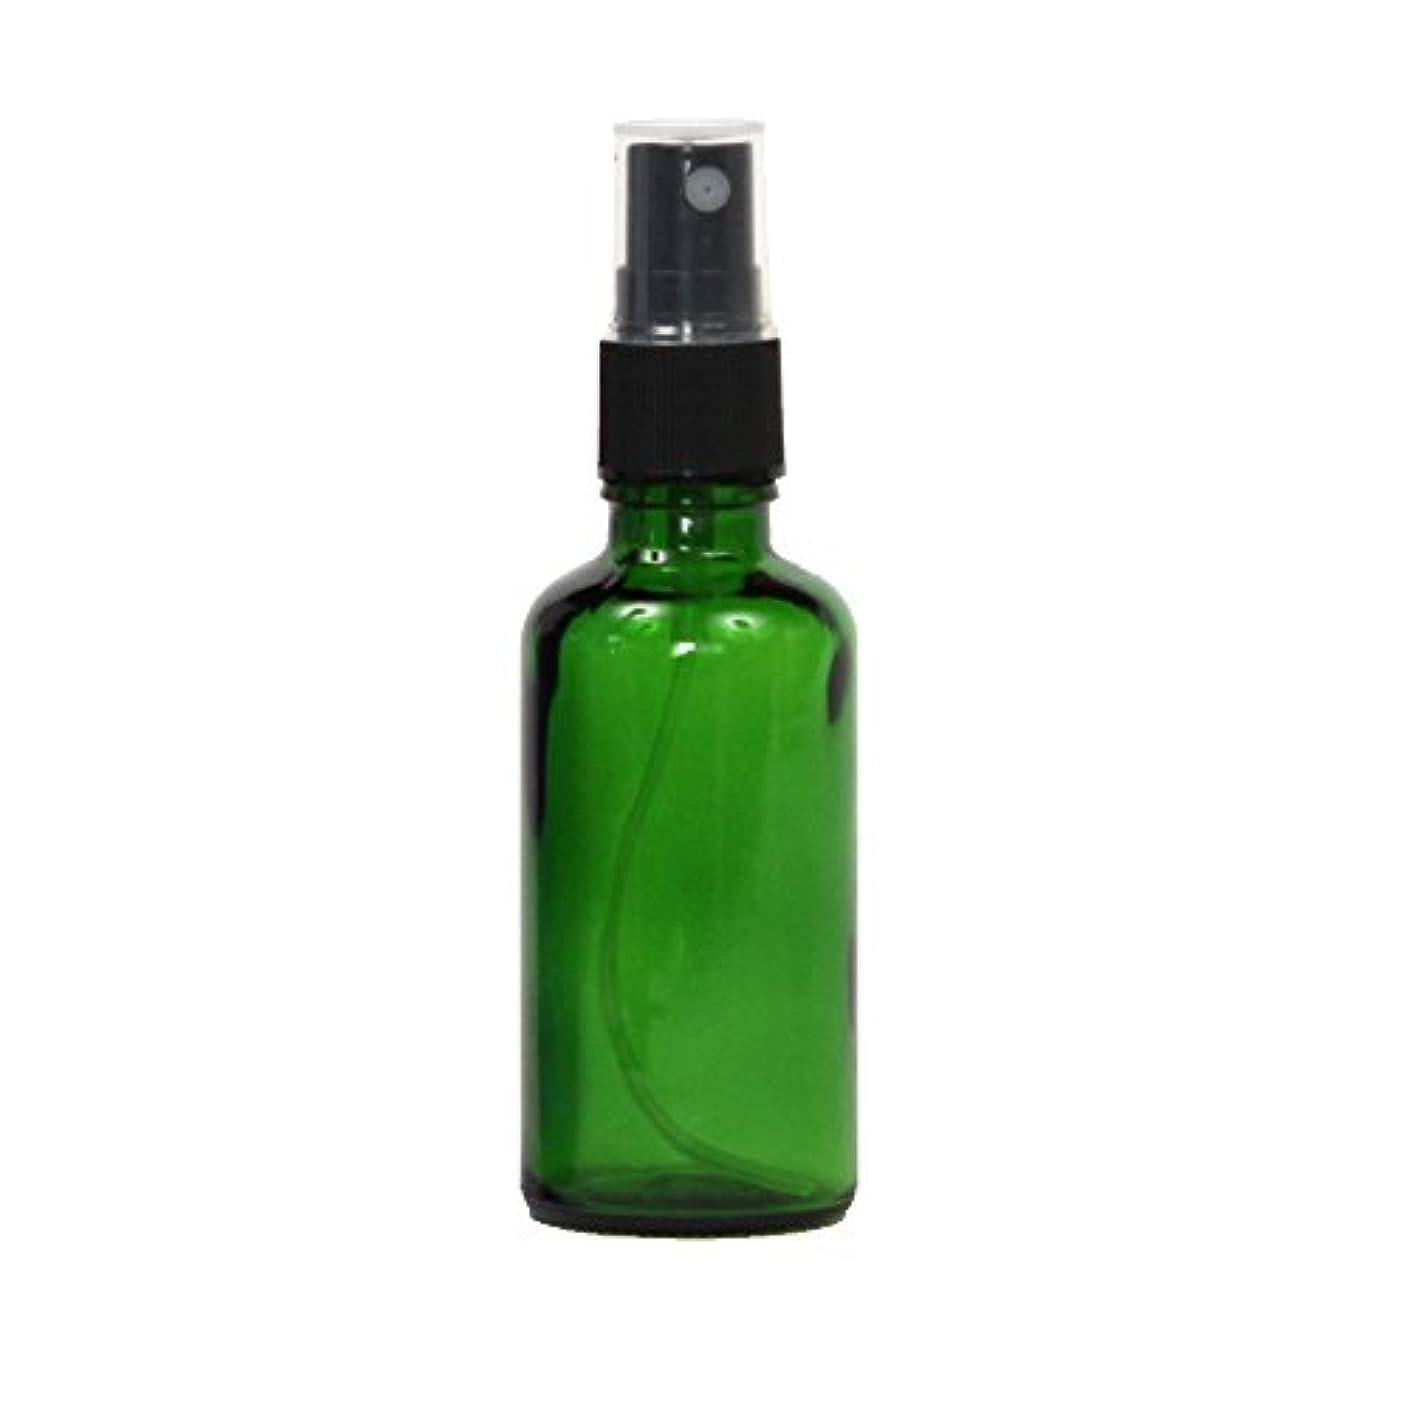 空港ラリー大胆不敵スプレーボトル容器 ガラス瓶 50mL 遮光性グリーン ガラスアトマイザー 空容器gr50g